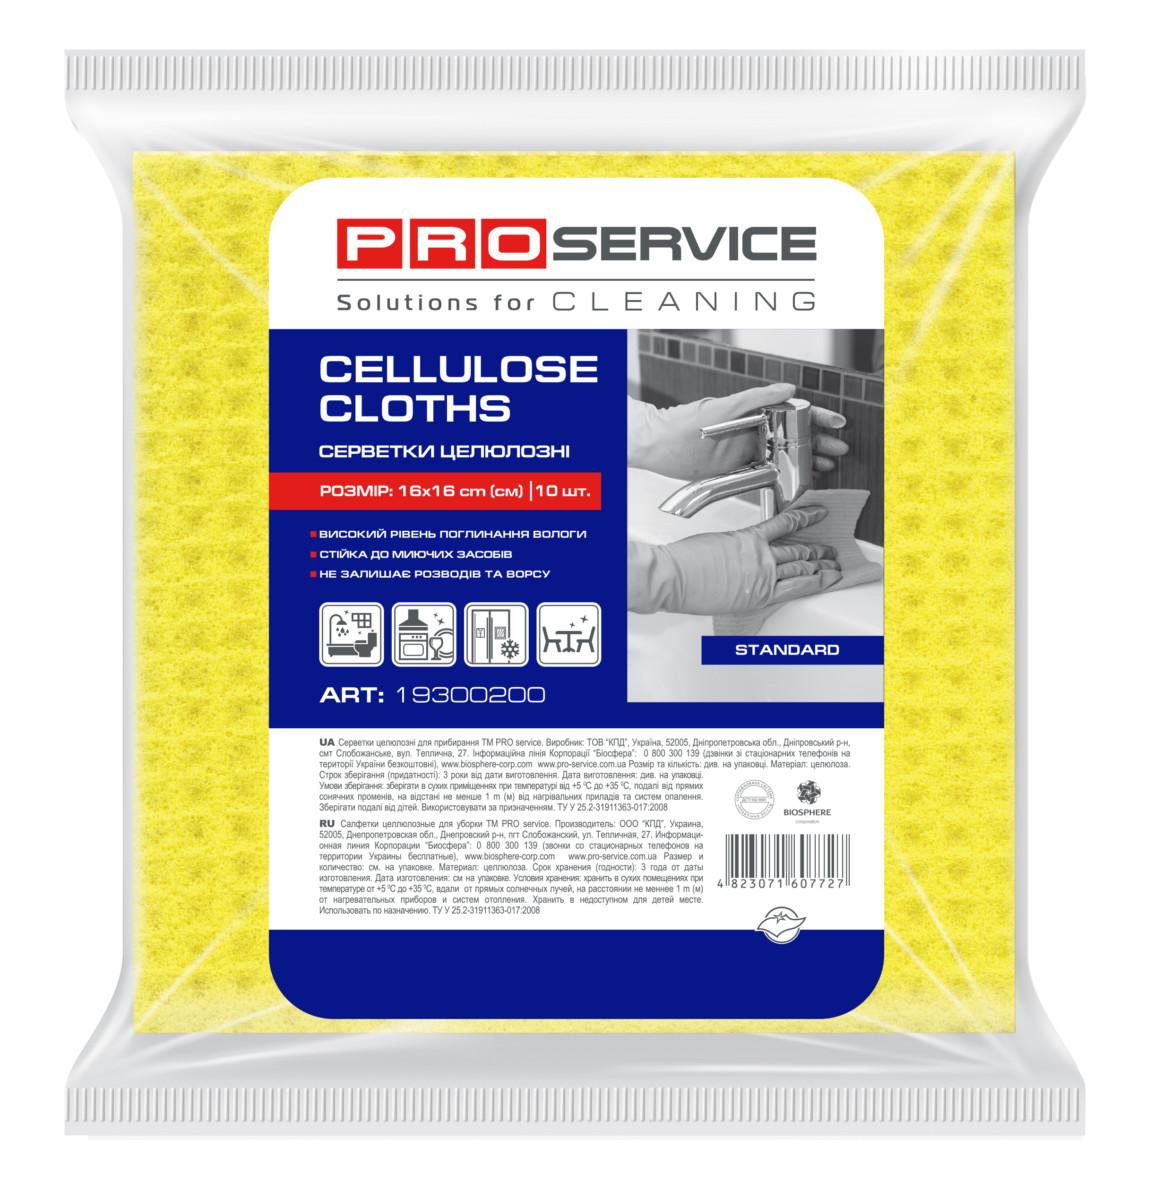 Серветки целюлознi PRO service Standard жовті, 10 шт- Фото - Biosphere